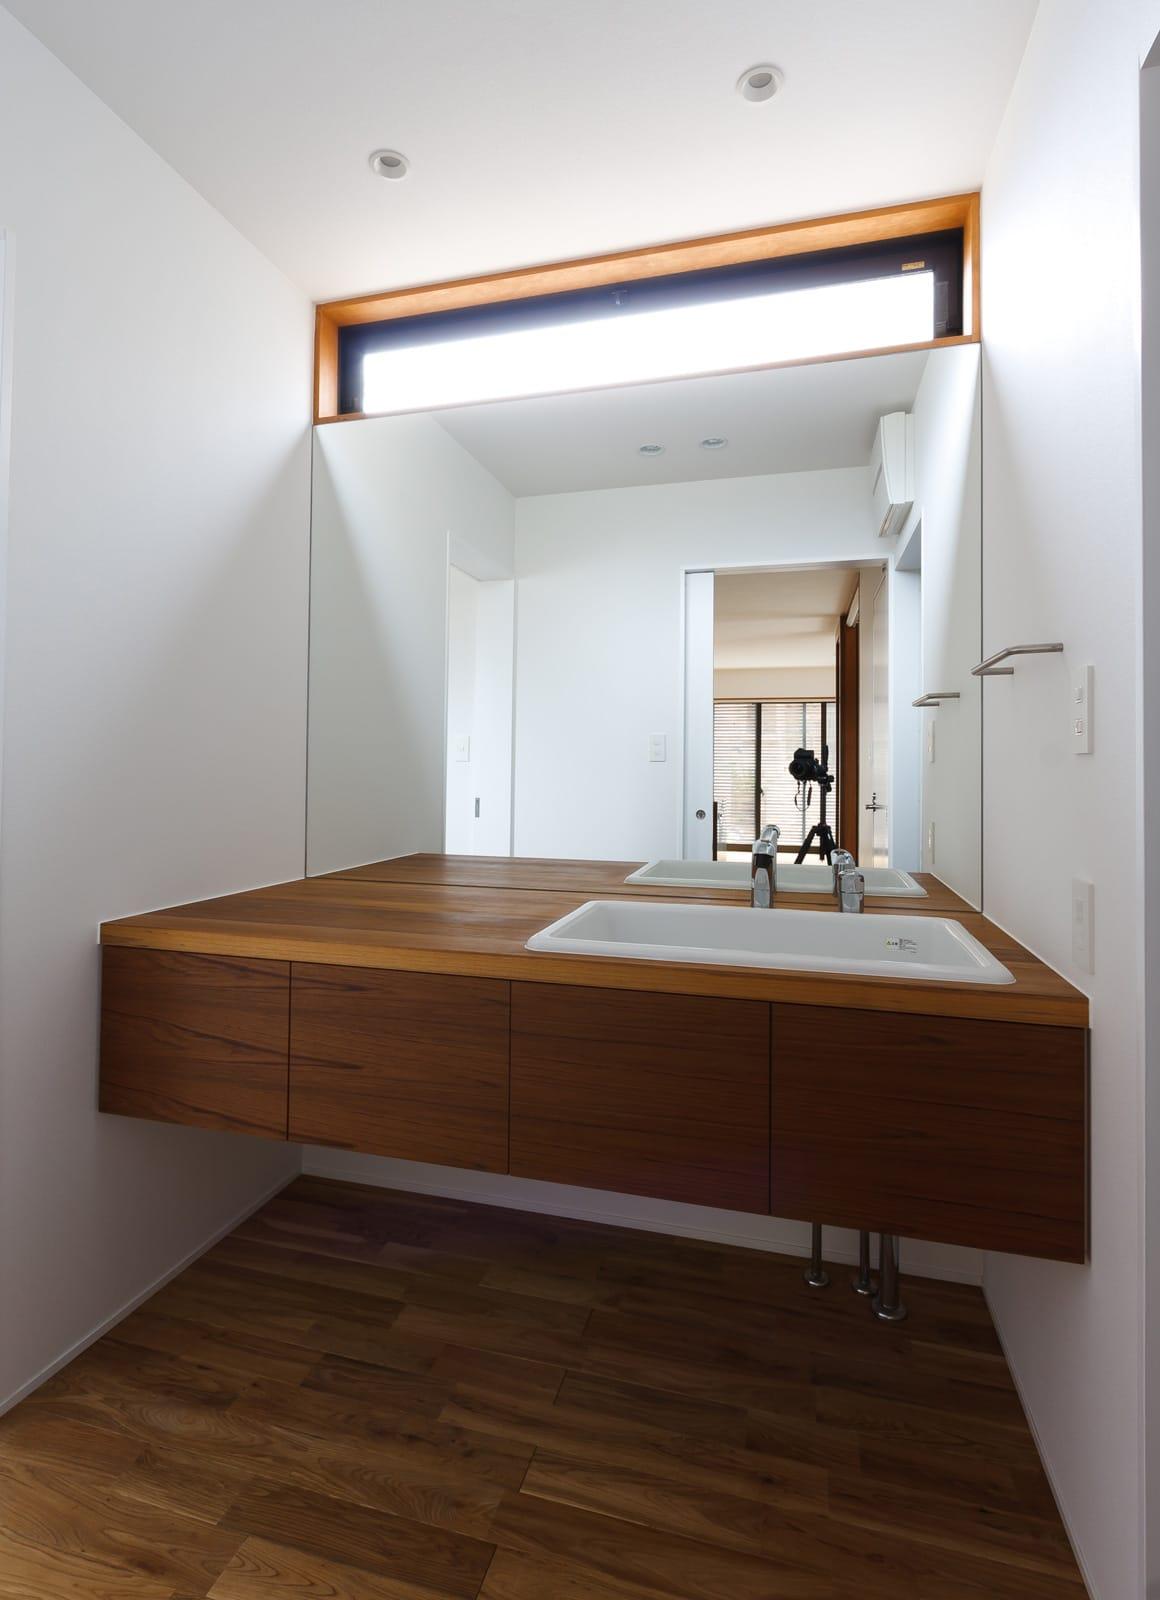 京都の坪庭ハウスの浴室・洗面室1